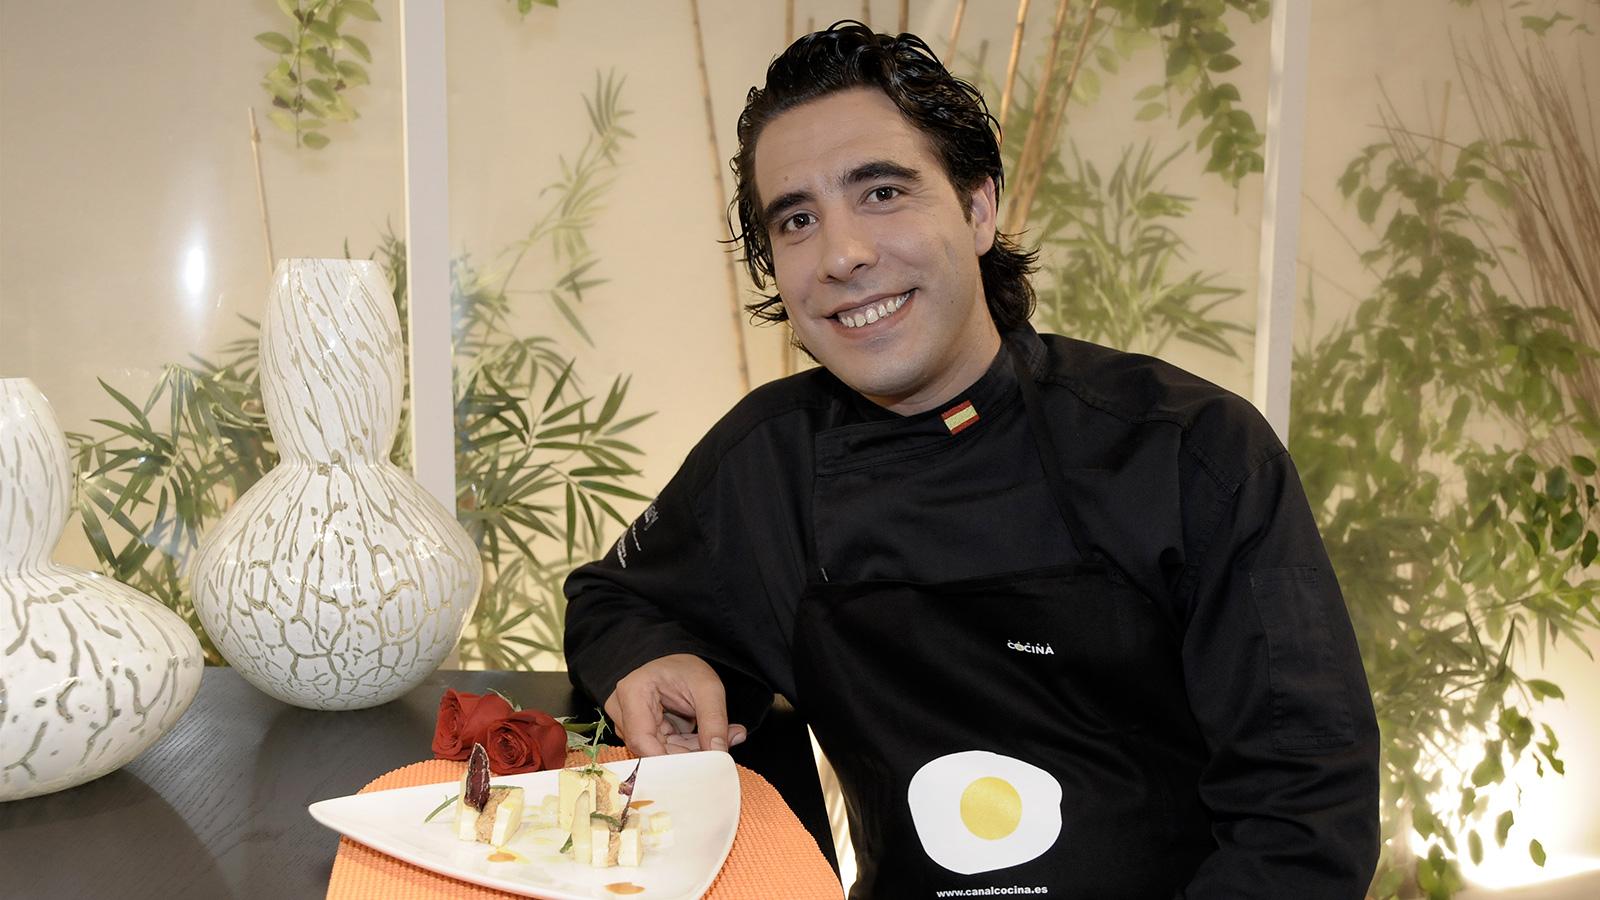 Alejandro garc a urrutia cocineros canal cocina - Canal cocina cocineros ...